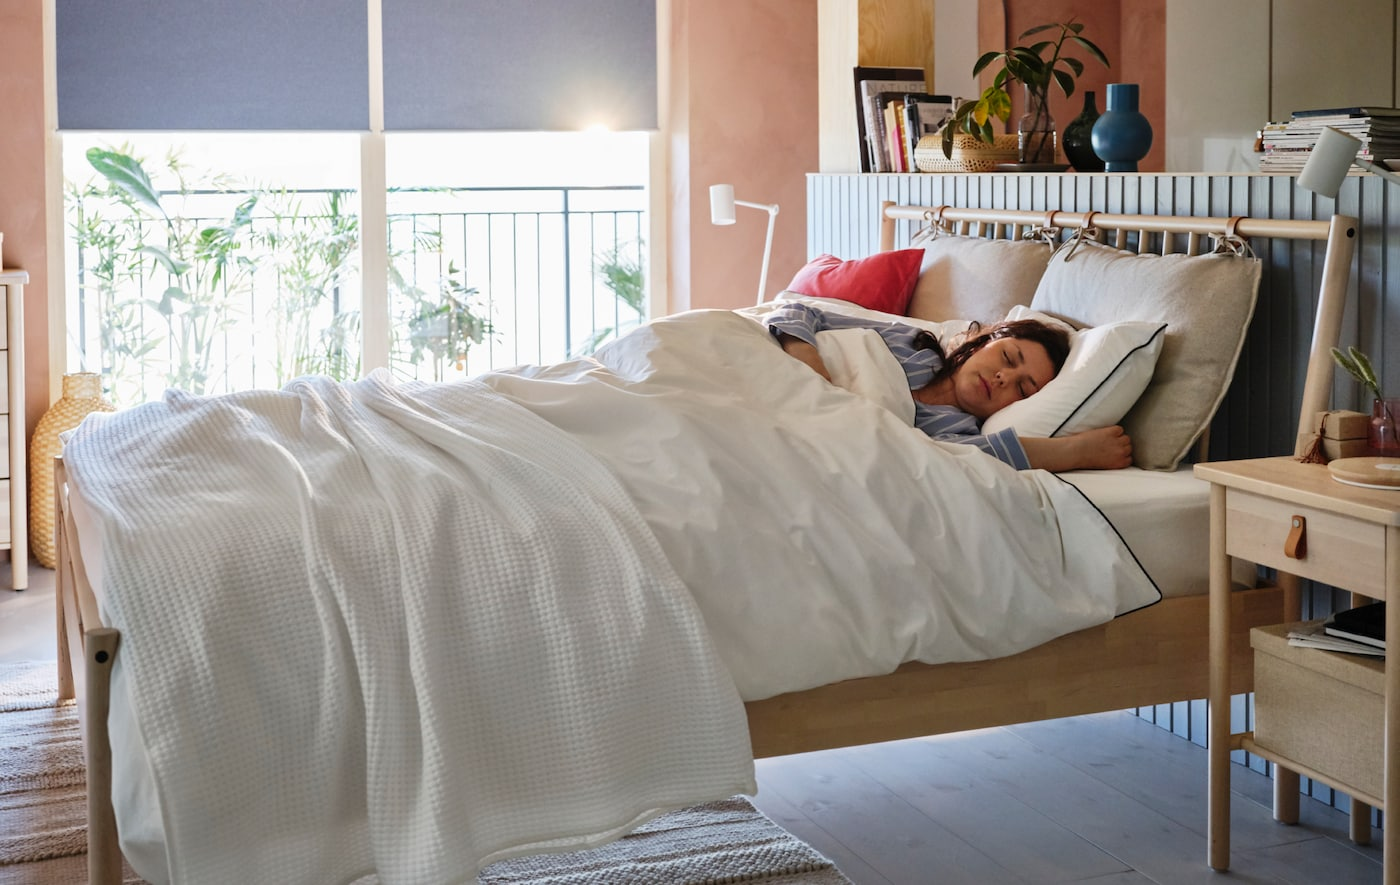 En kvinna ligger och sover i en BJÖRKSNÄS säng medan ljuset flödar in i rummet genom fönstret bakom henne.